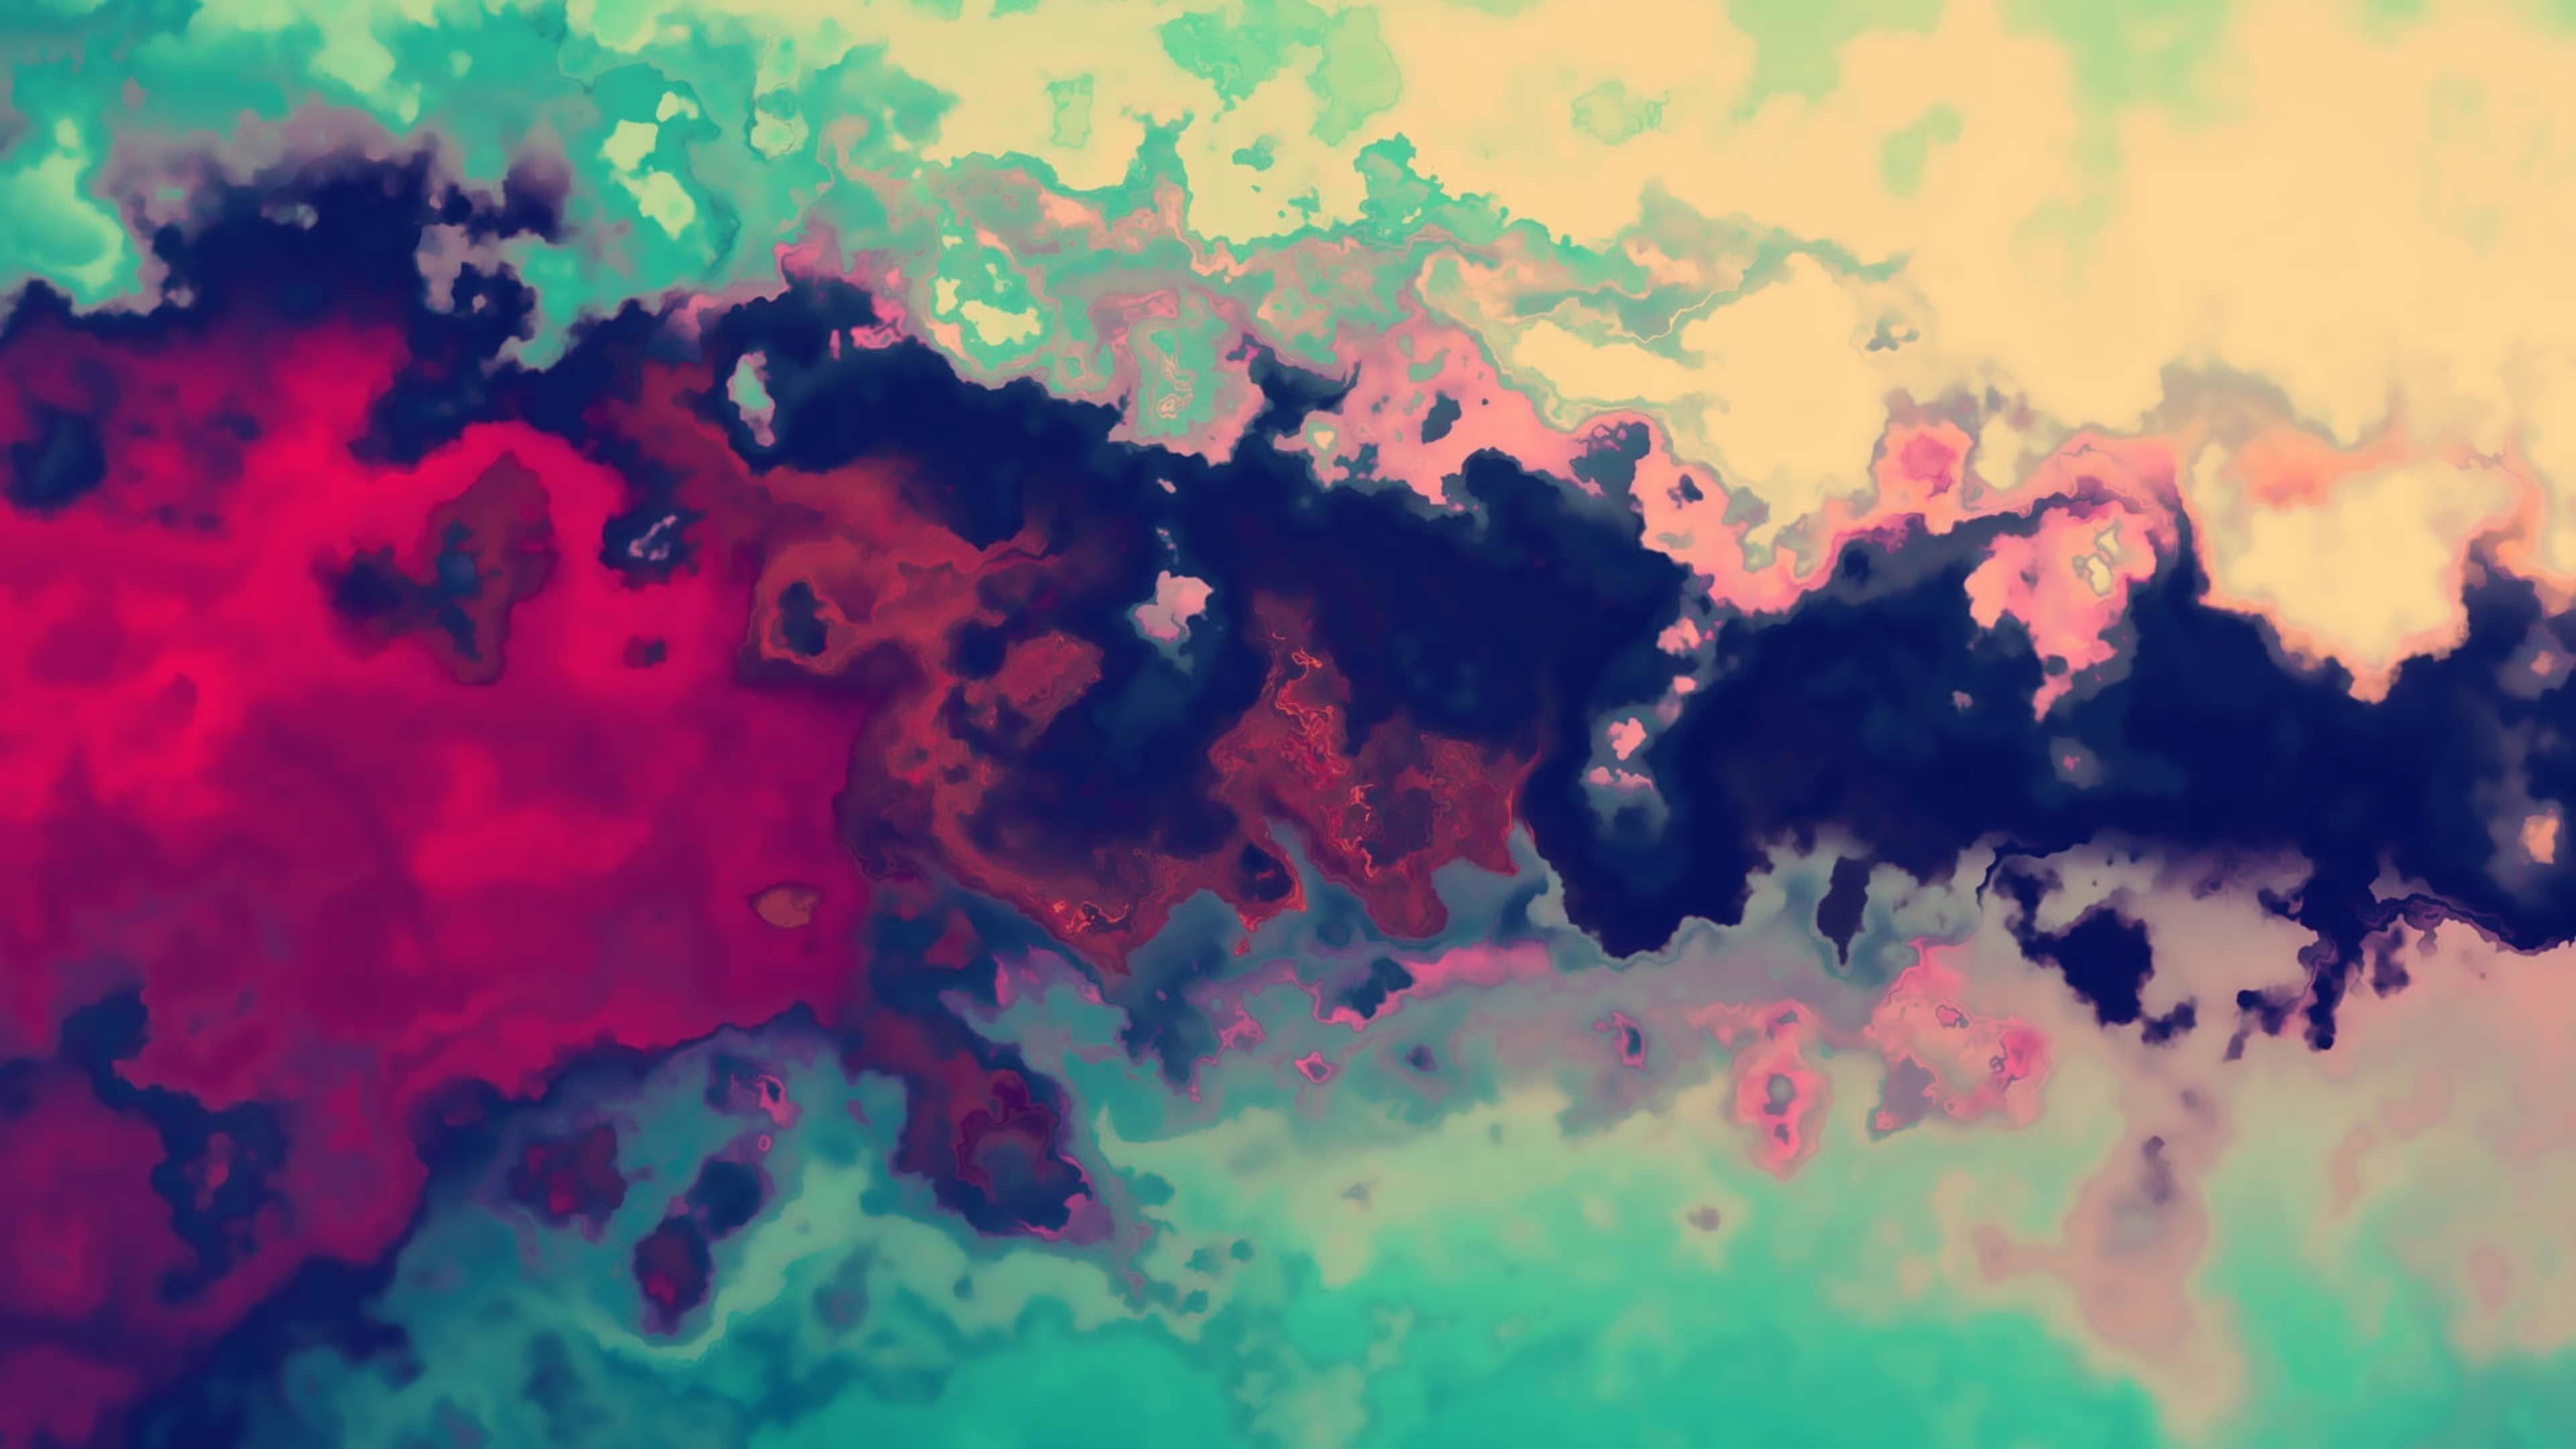 Психоделическая черная красная розовая краска абстракция обои скачать